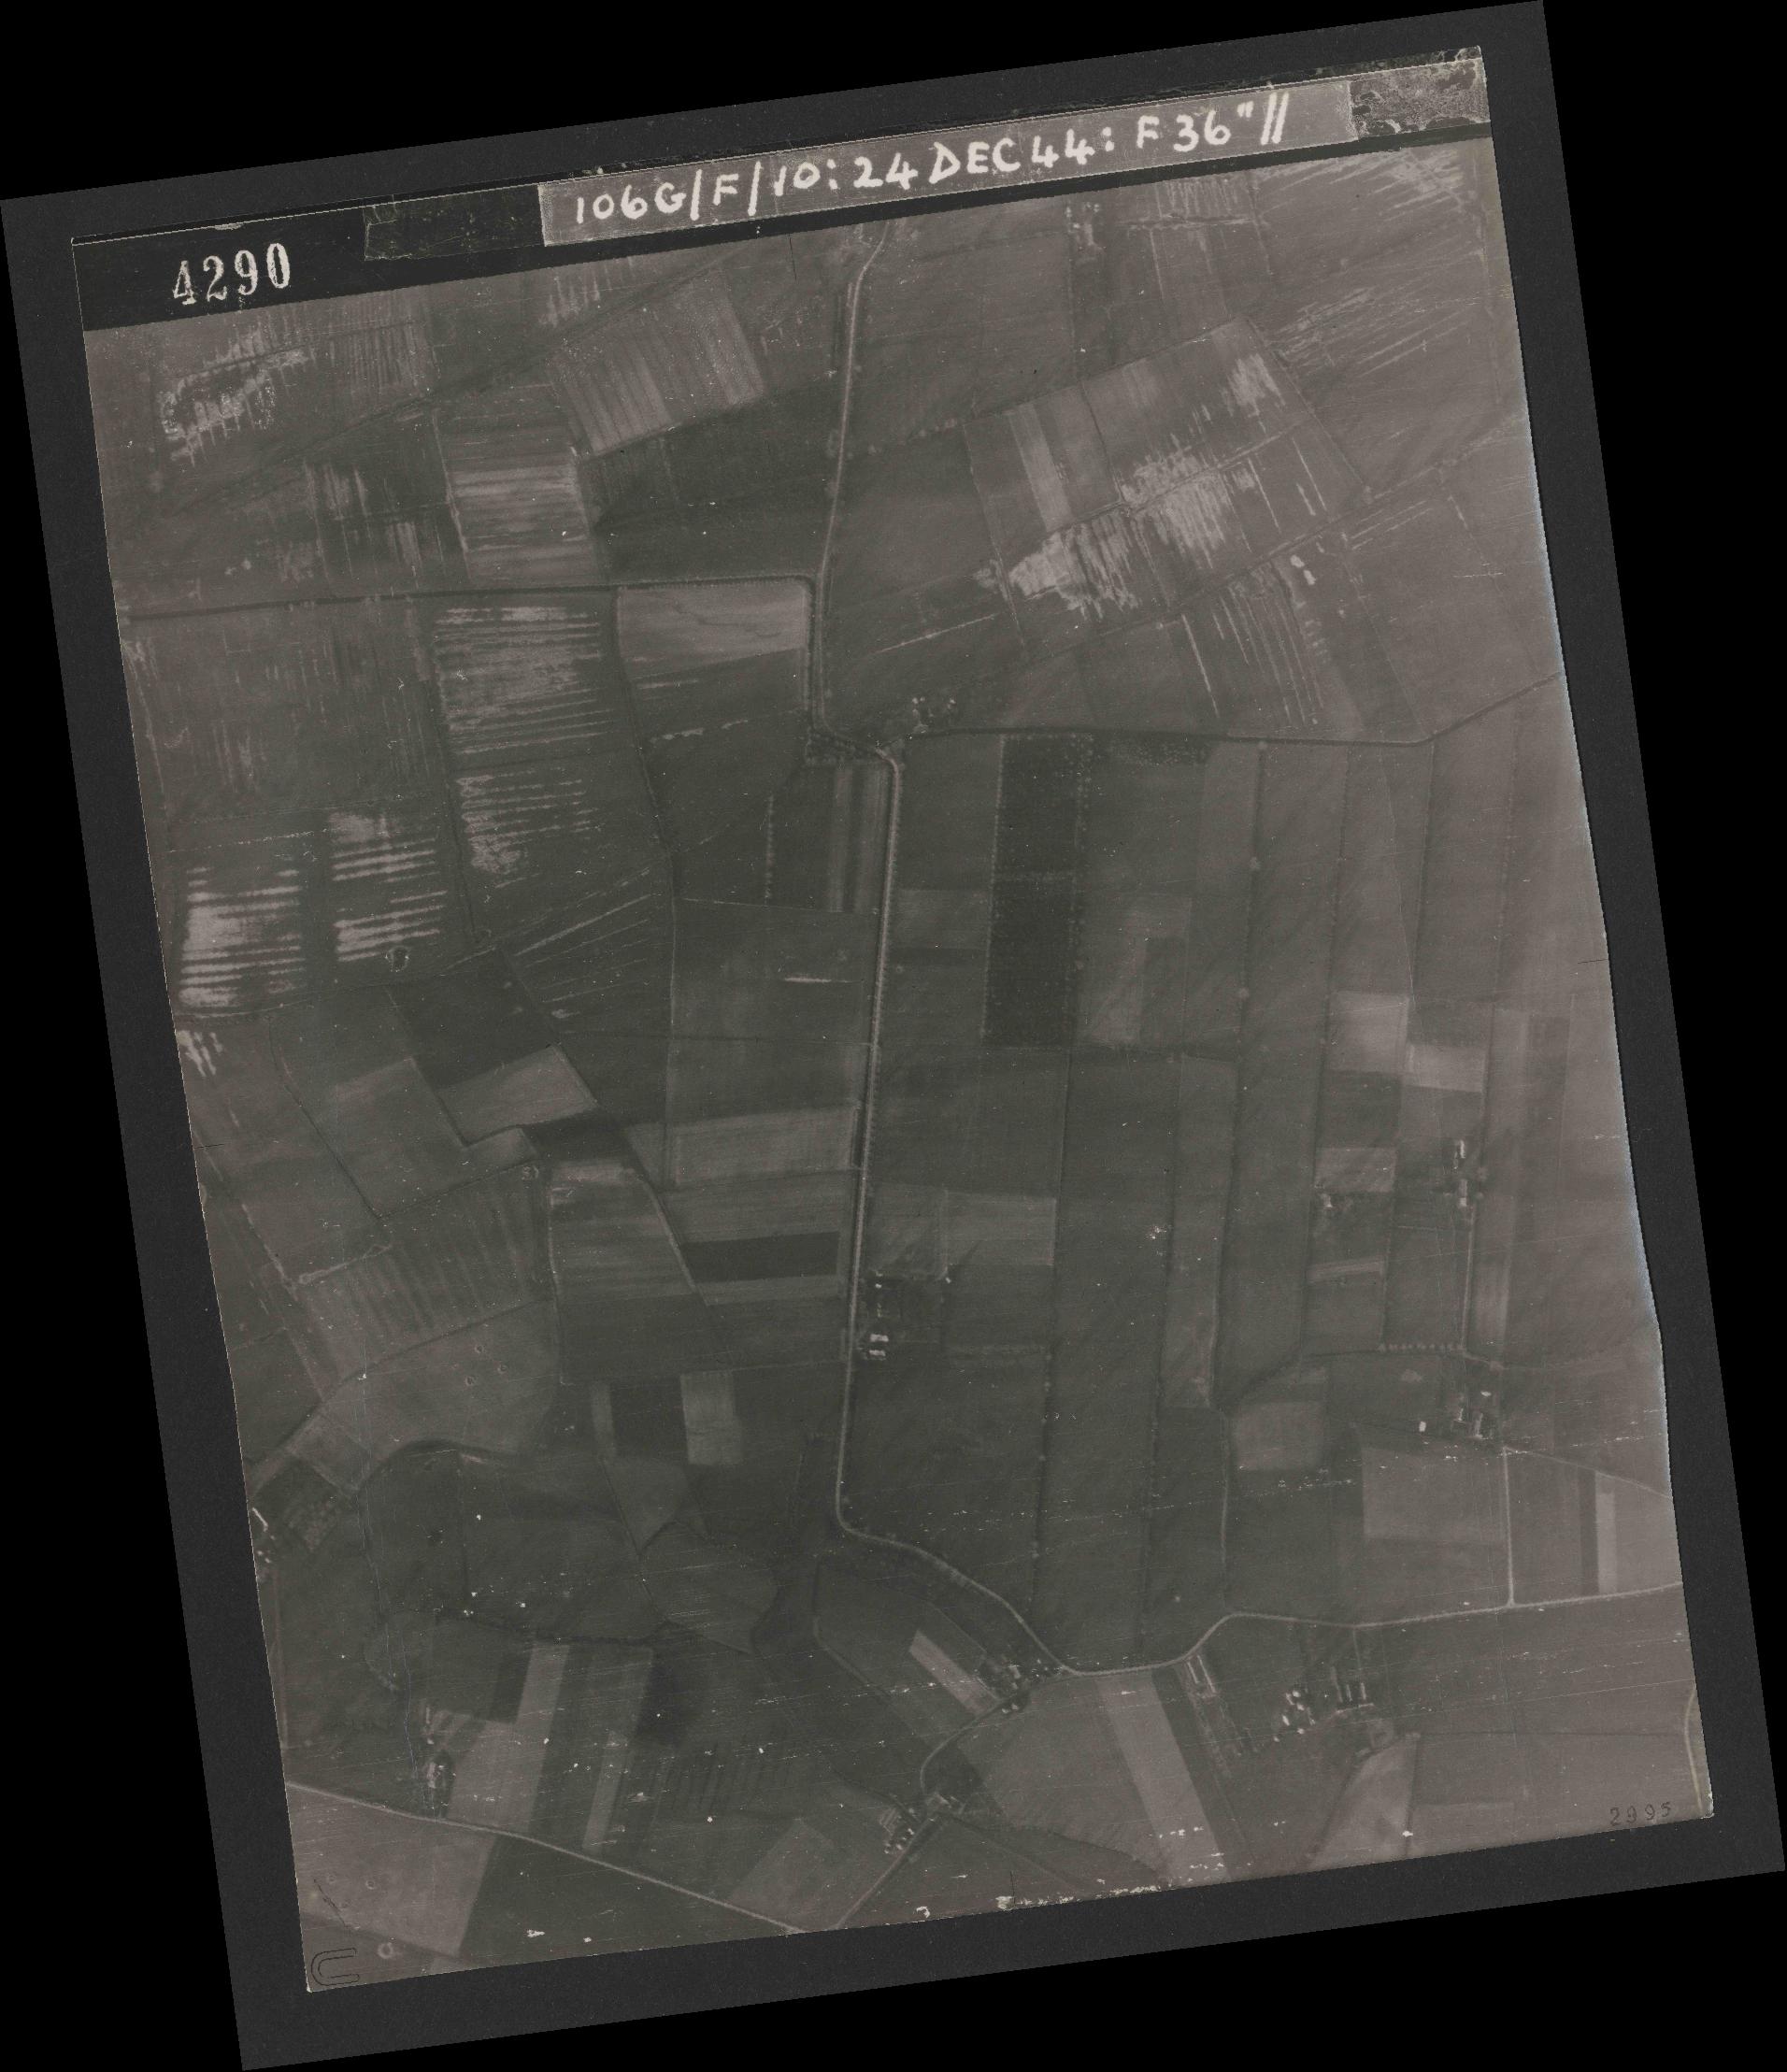 Collection RAF aerial photos 1940-1945 - flight 320, run 08, photo 4290